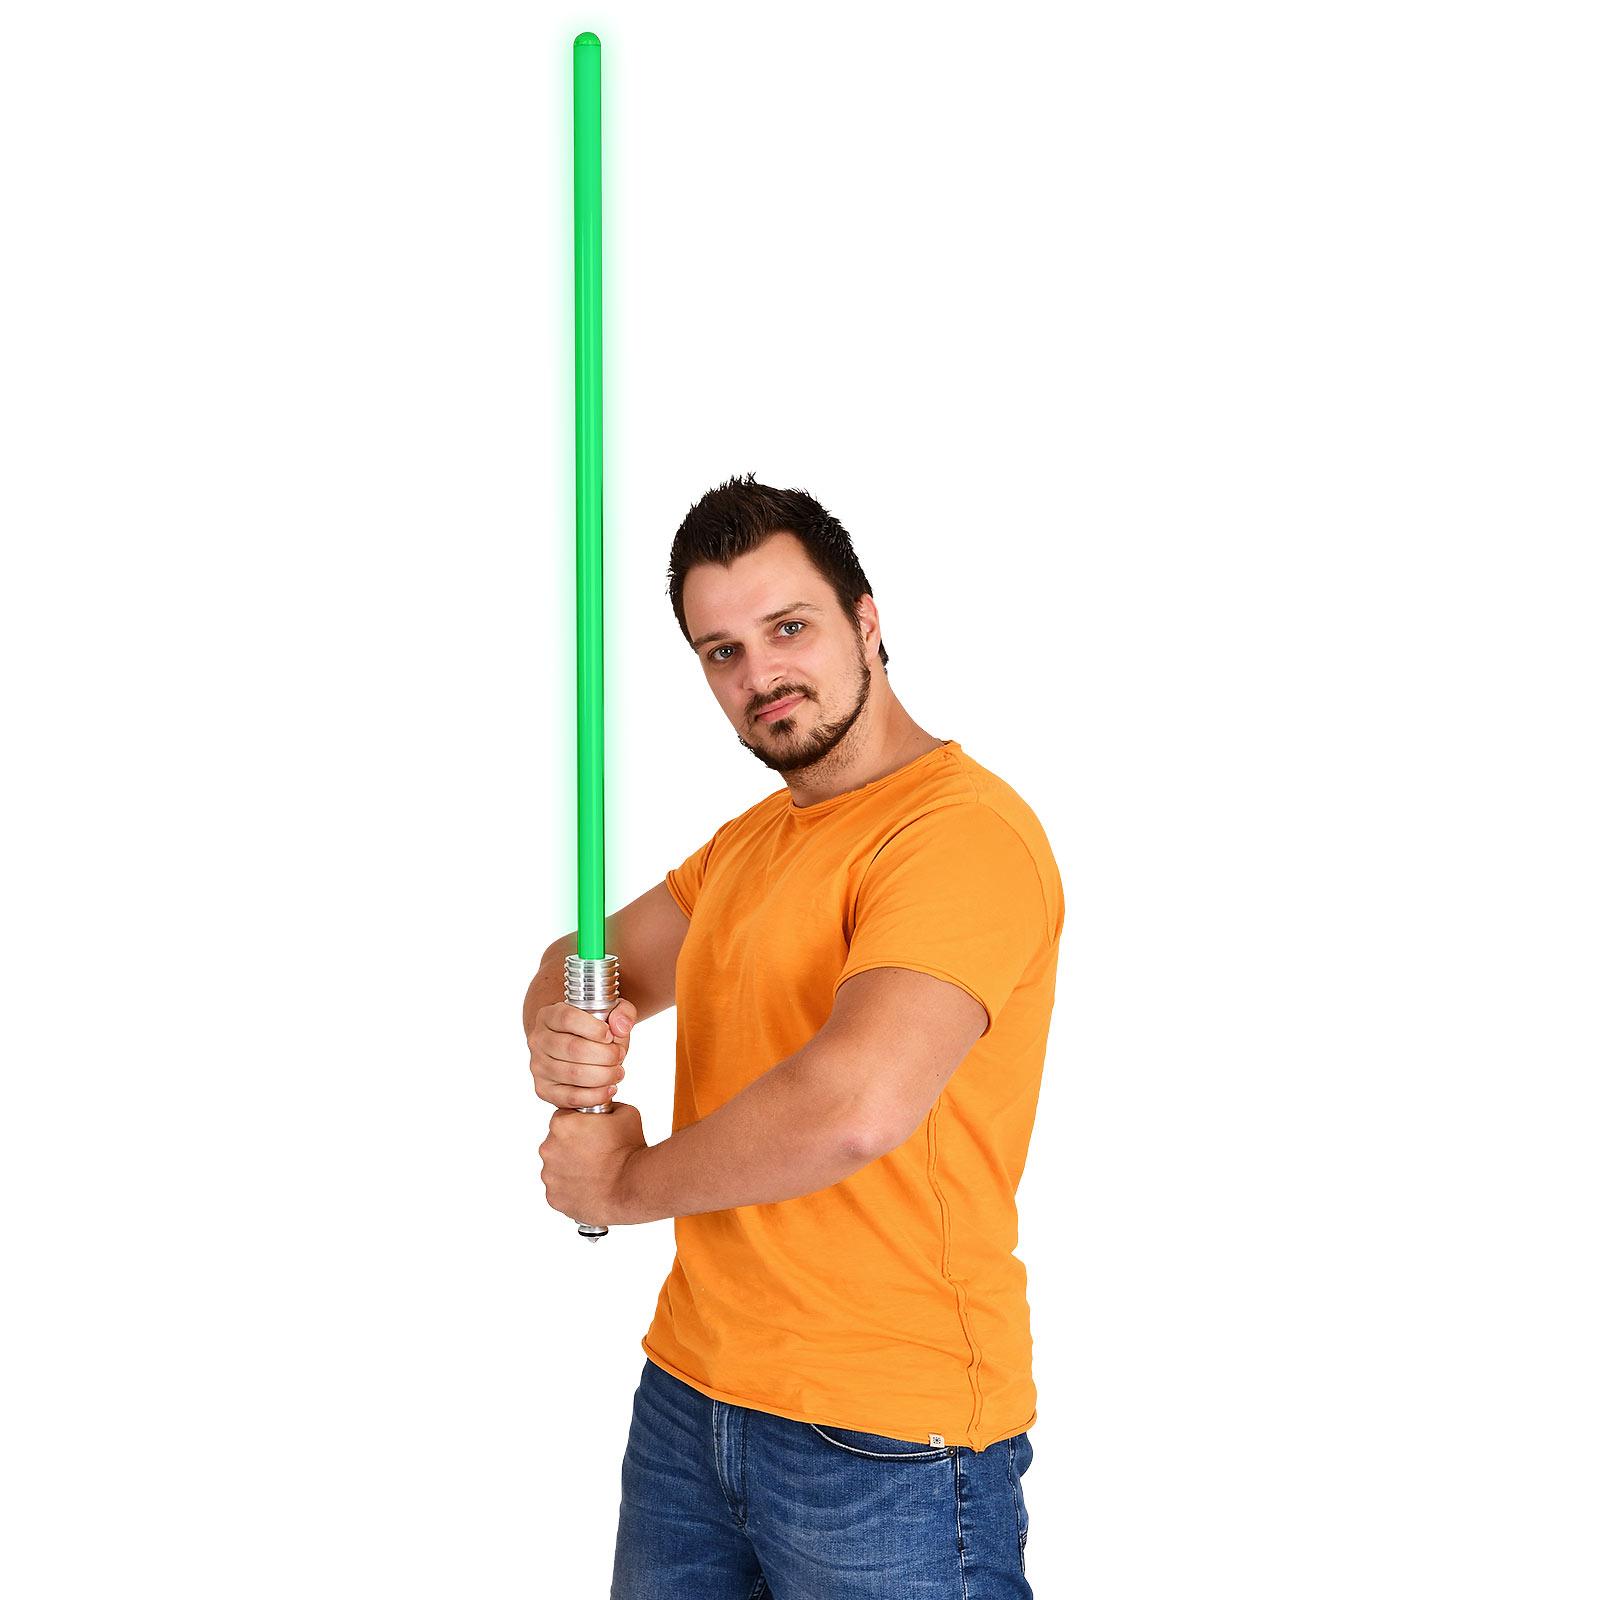 Star Wars - Kit Fisto Force FX Lichtschwert